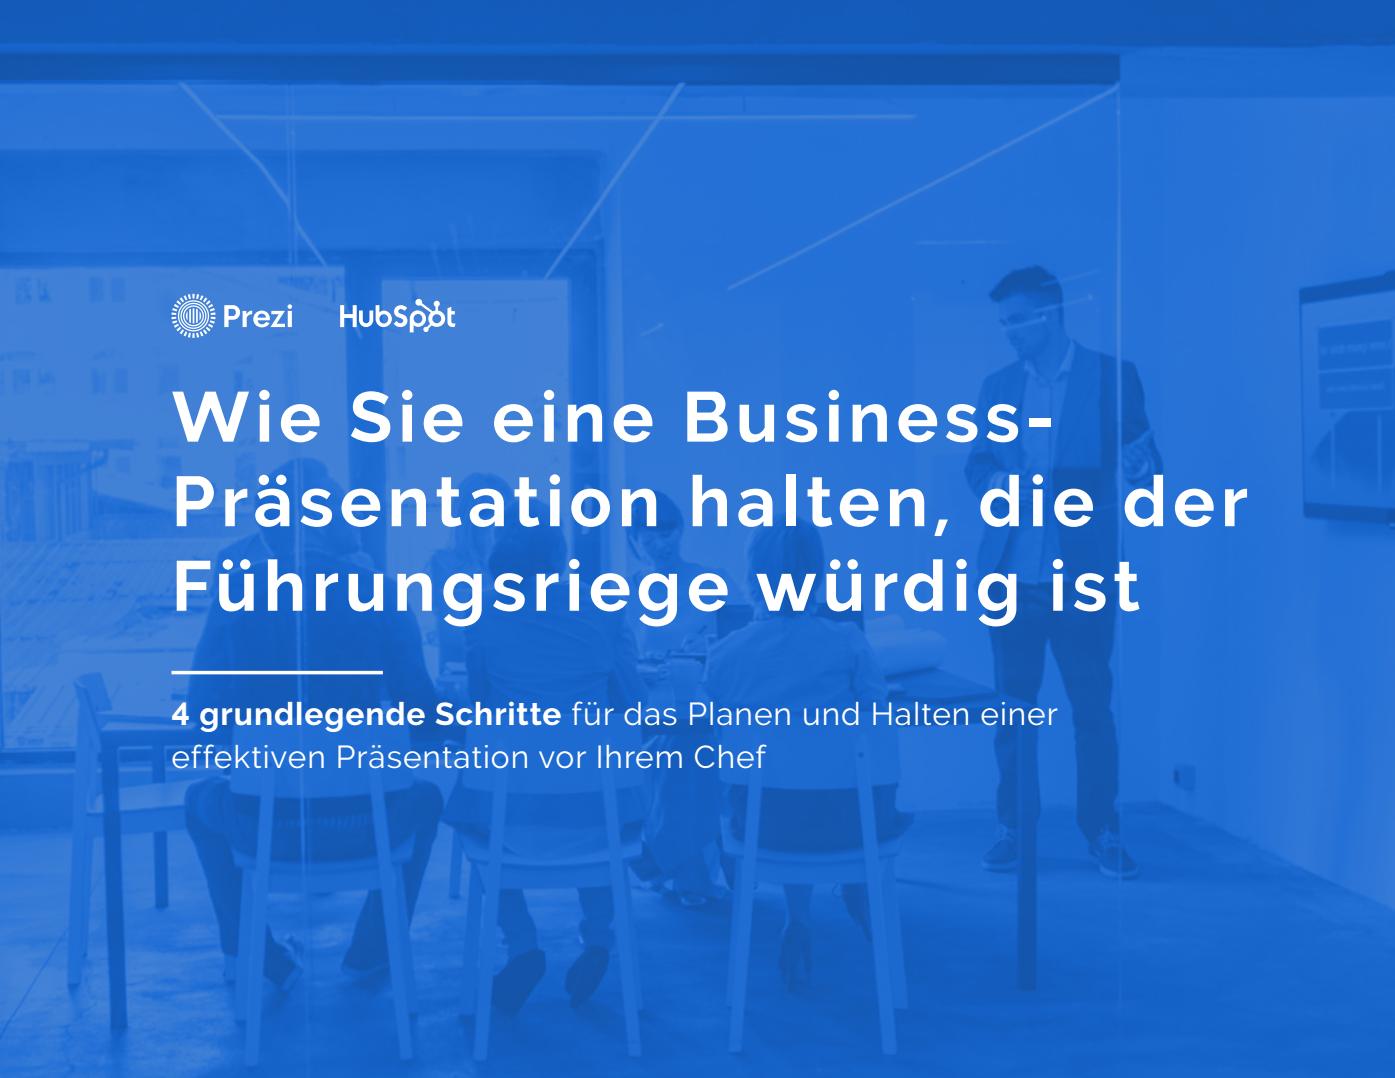 HubSpot - Prezi - Effektive Business-Praesentationen - Beispielbild 1